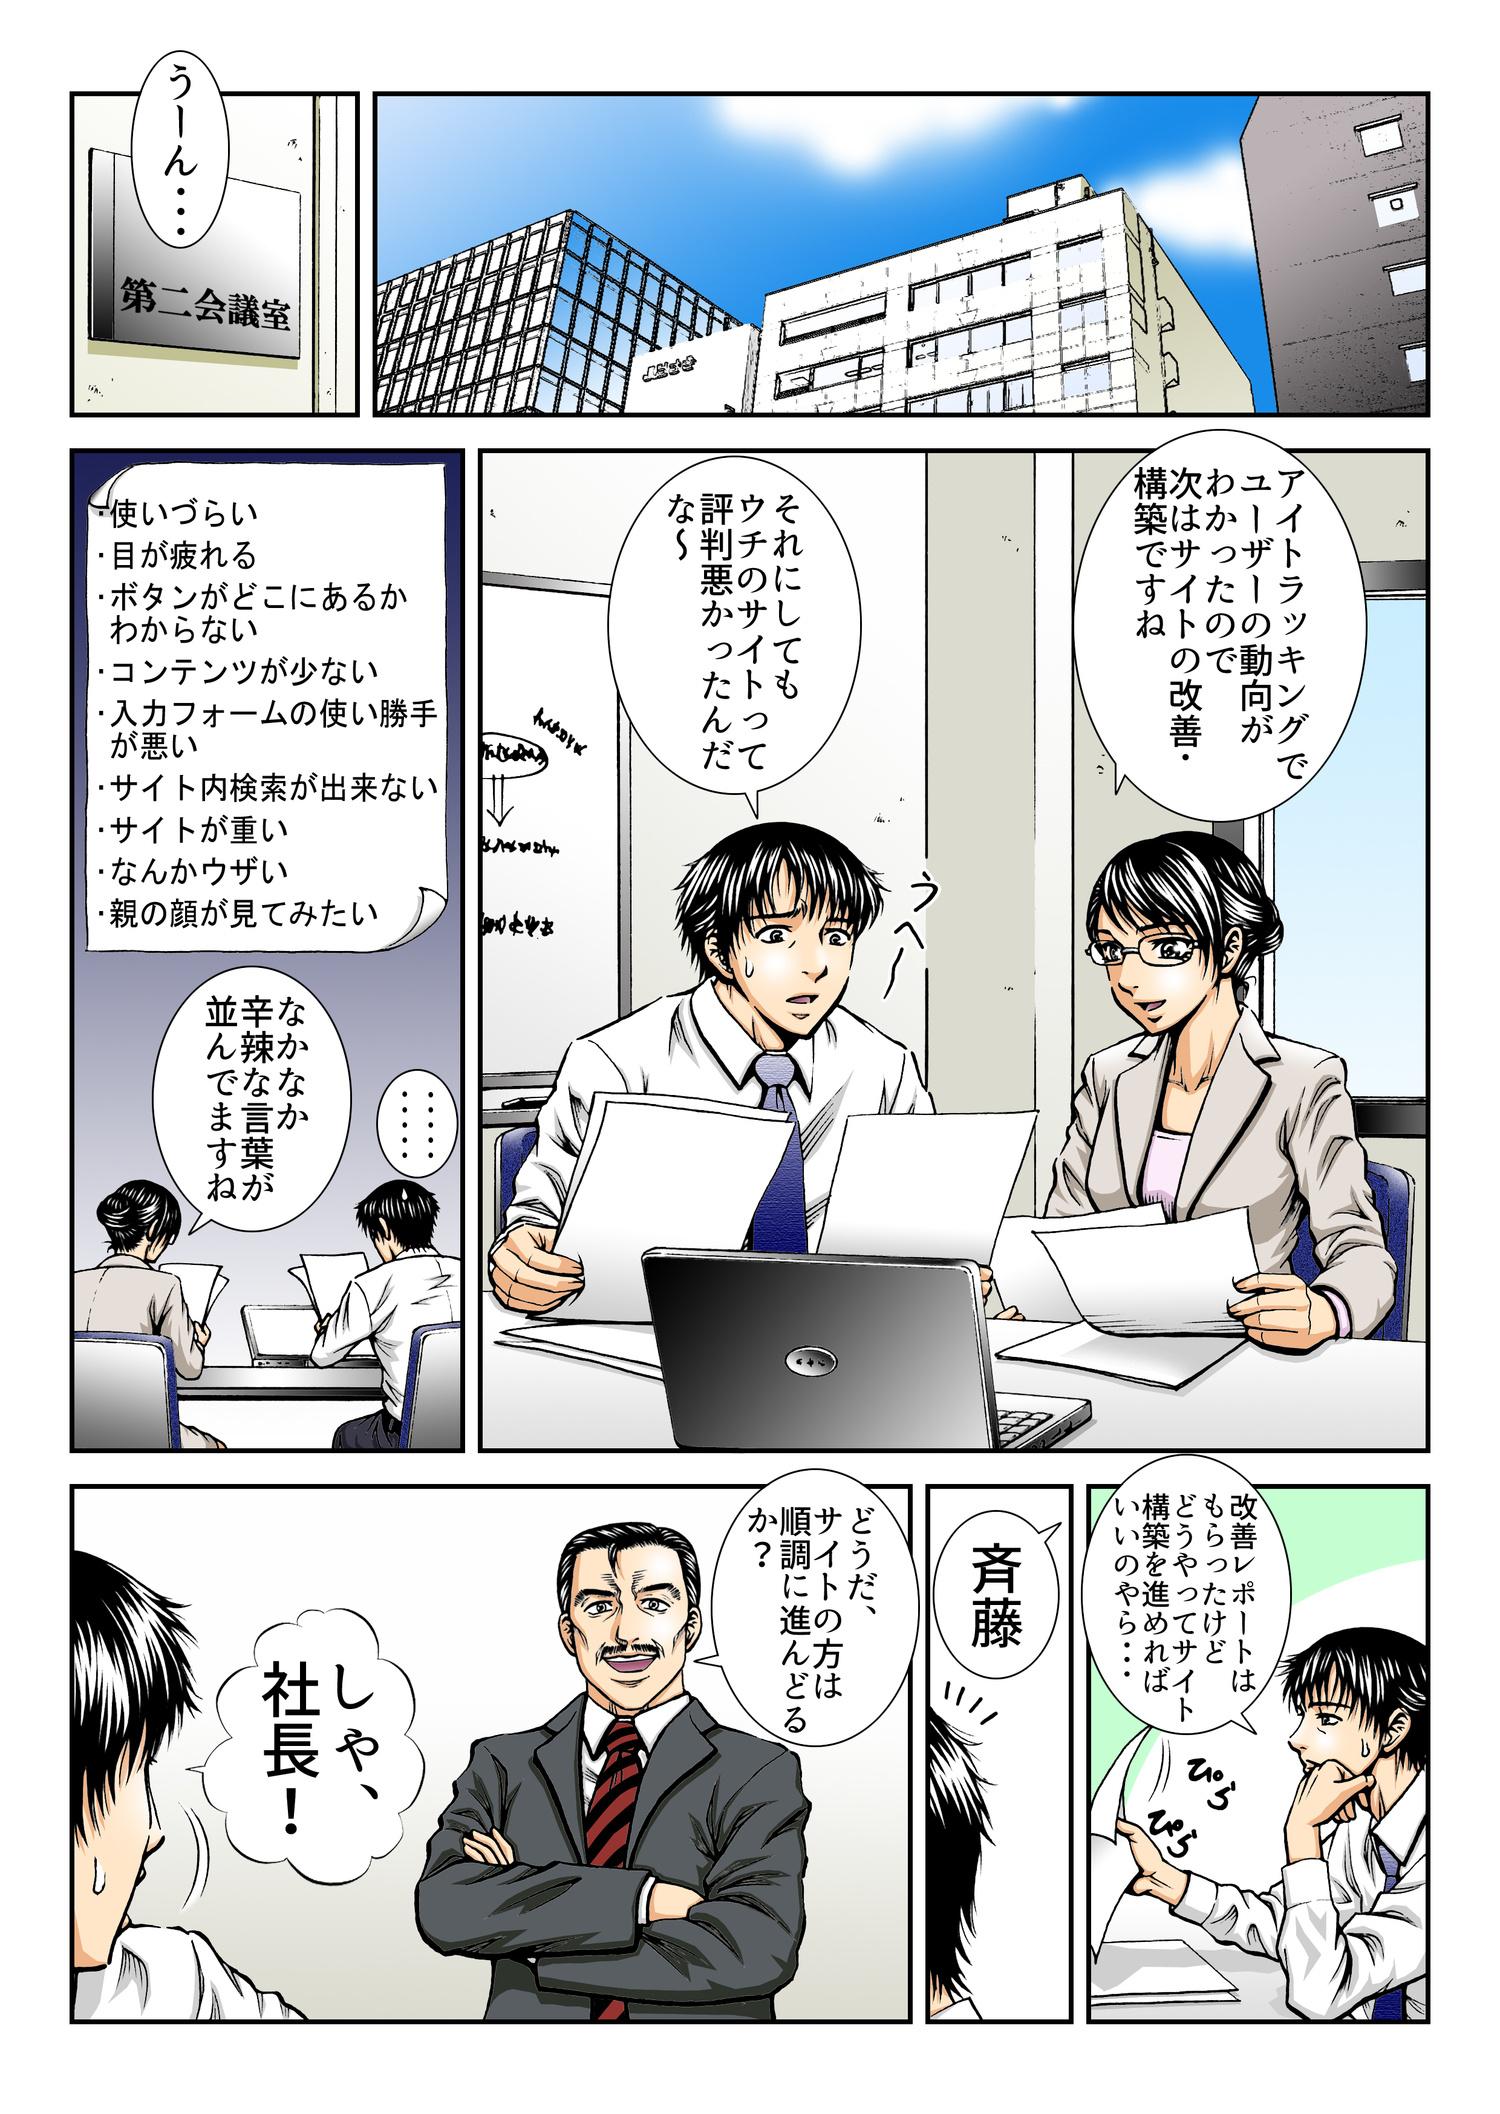 NTTデータスマートソーシングの実施したアイトラッキングによるユーザー動向の調査やアンケートによりサイトの問題点は洗い出されたが、具体的なサイト構築について悩む斉藤さん。